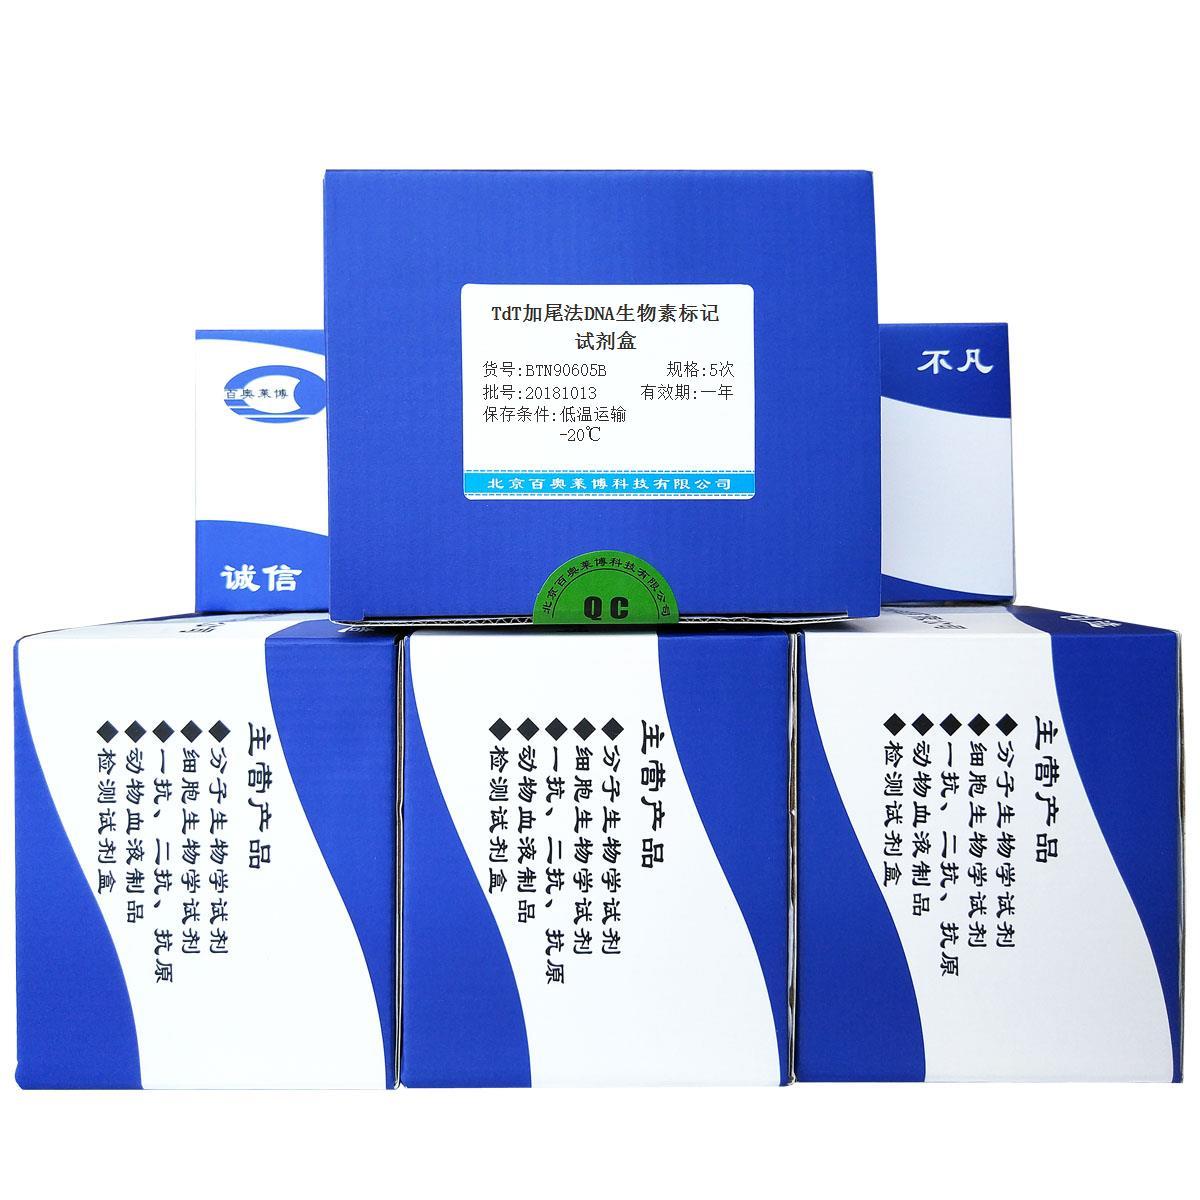 TdT加尾法DNA生物素标记试剂盒